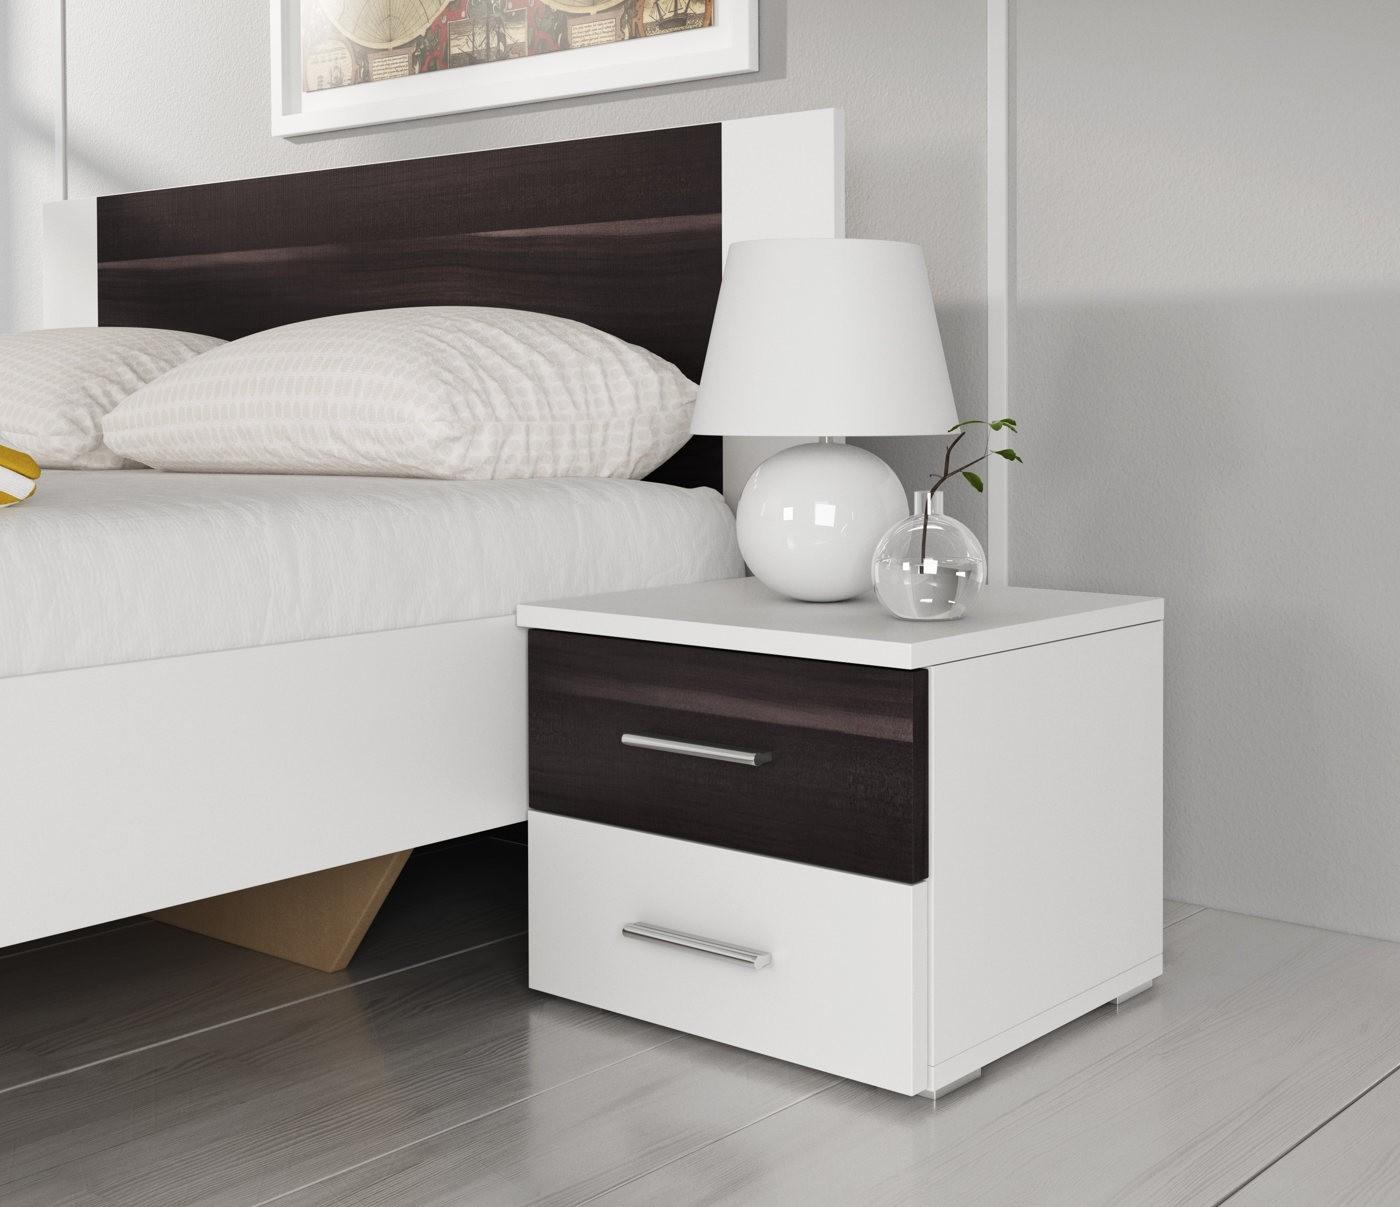 Slaapkamer victor 160 wit zwart eiken klein complete slaapkamers complete kamers - Slaapkamer klein gebied ...